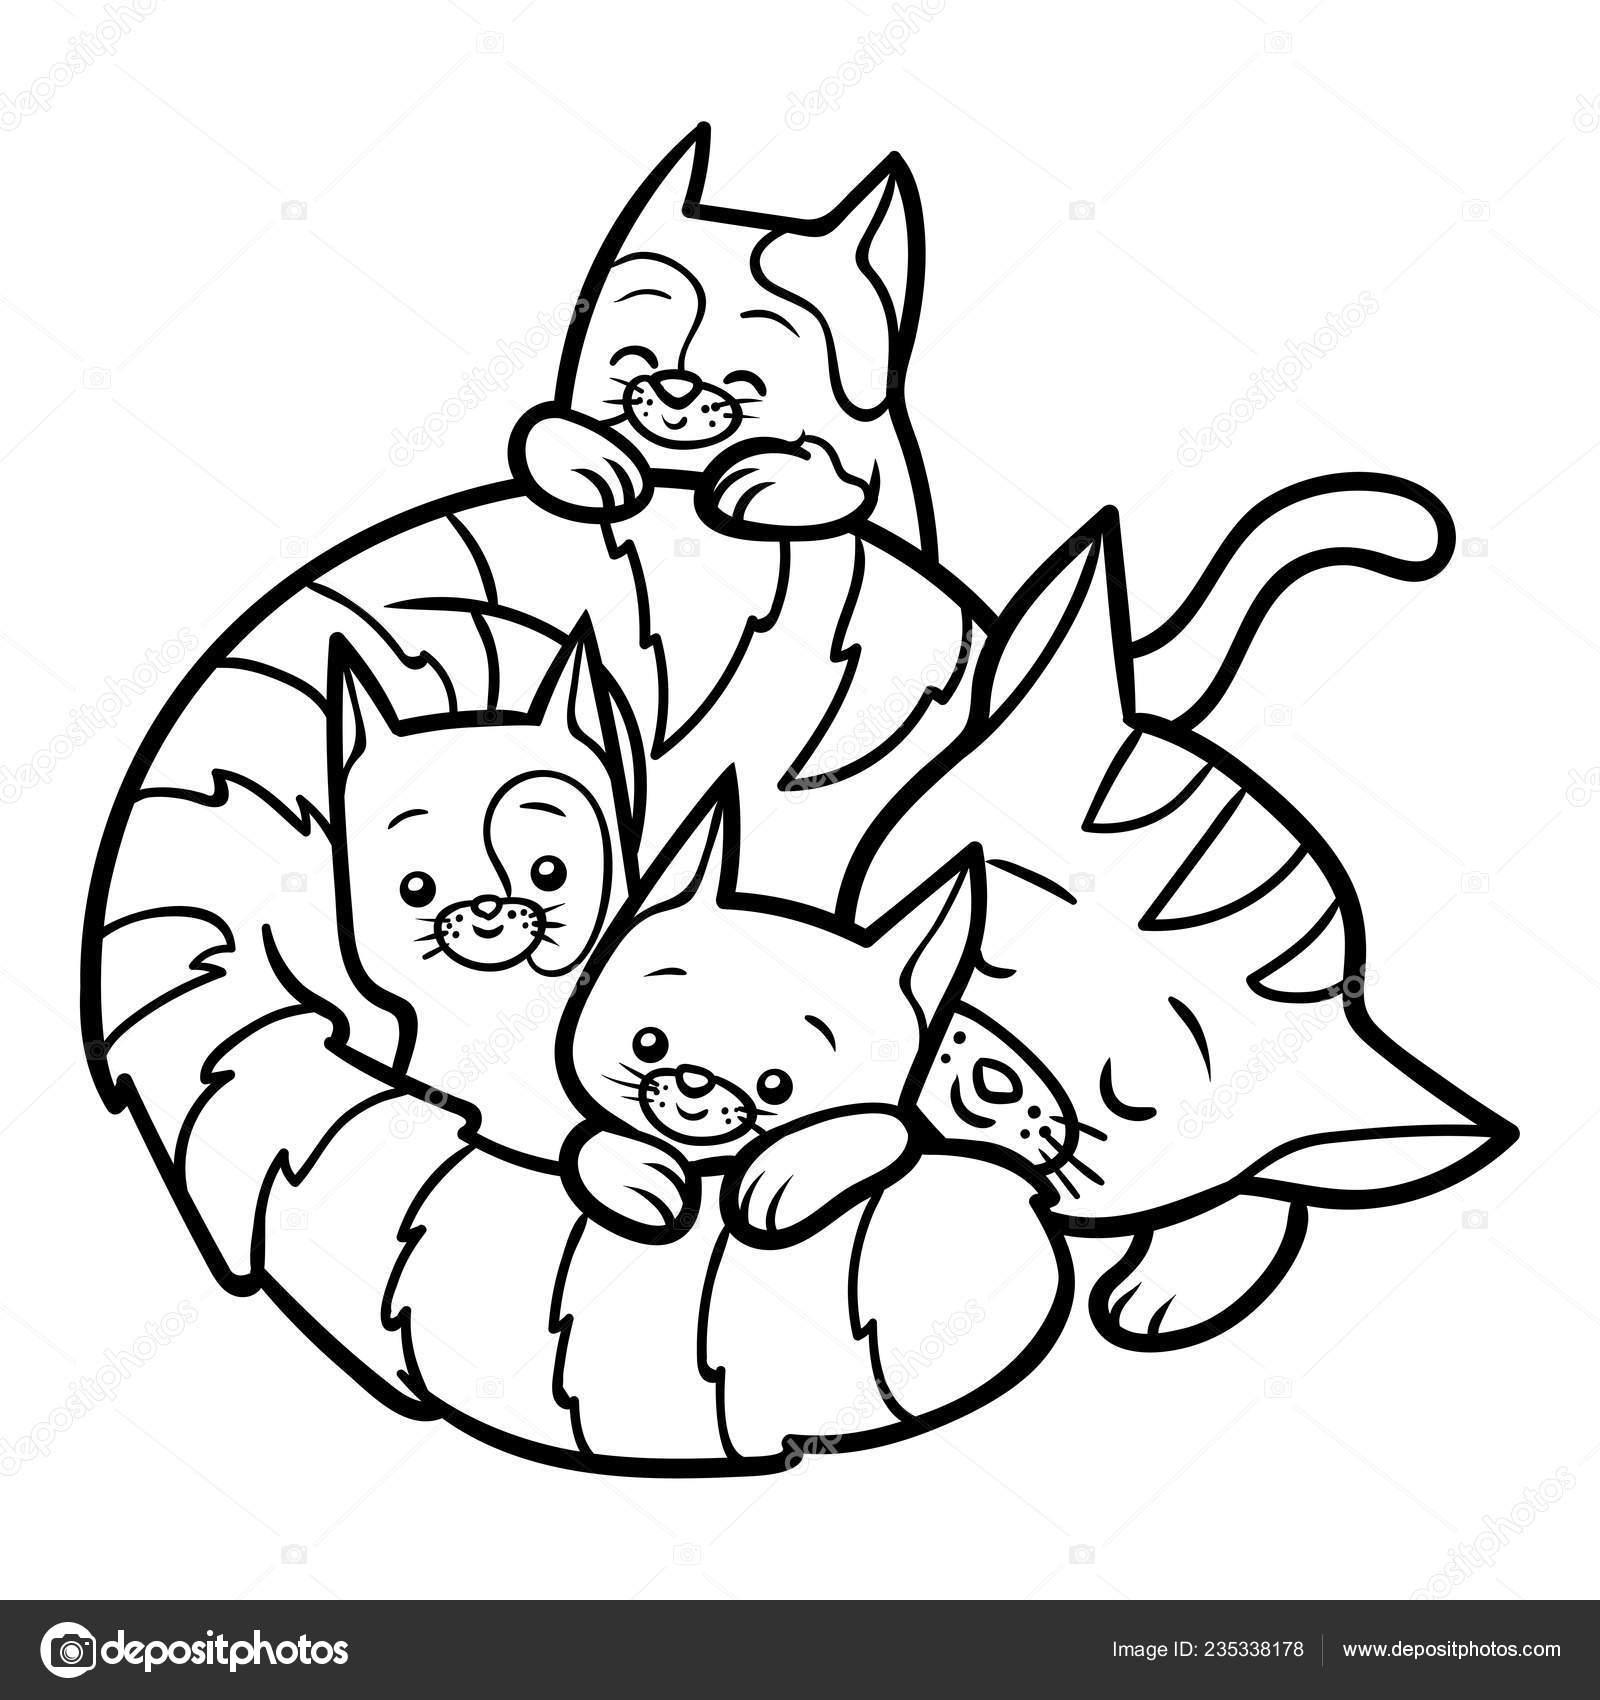 раскраска детей четыре кошки векторное изображение